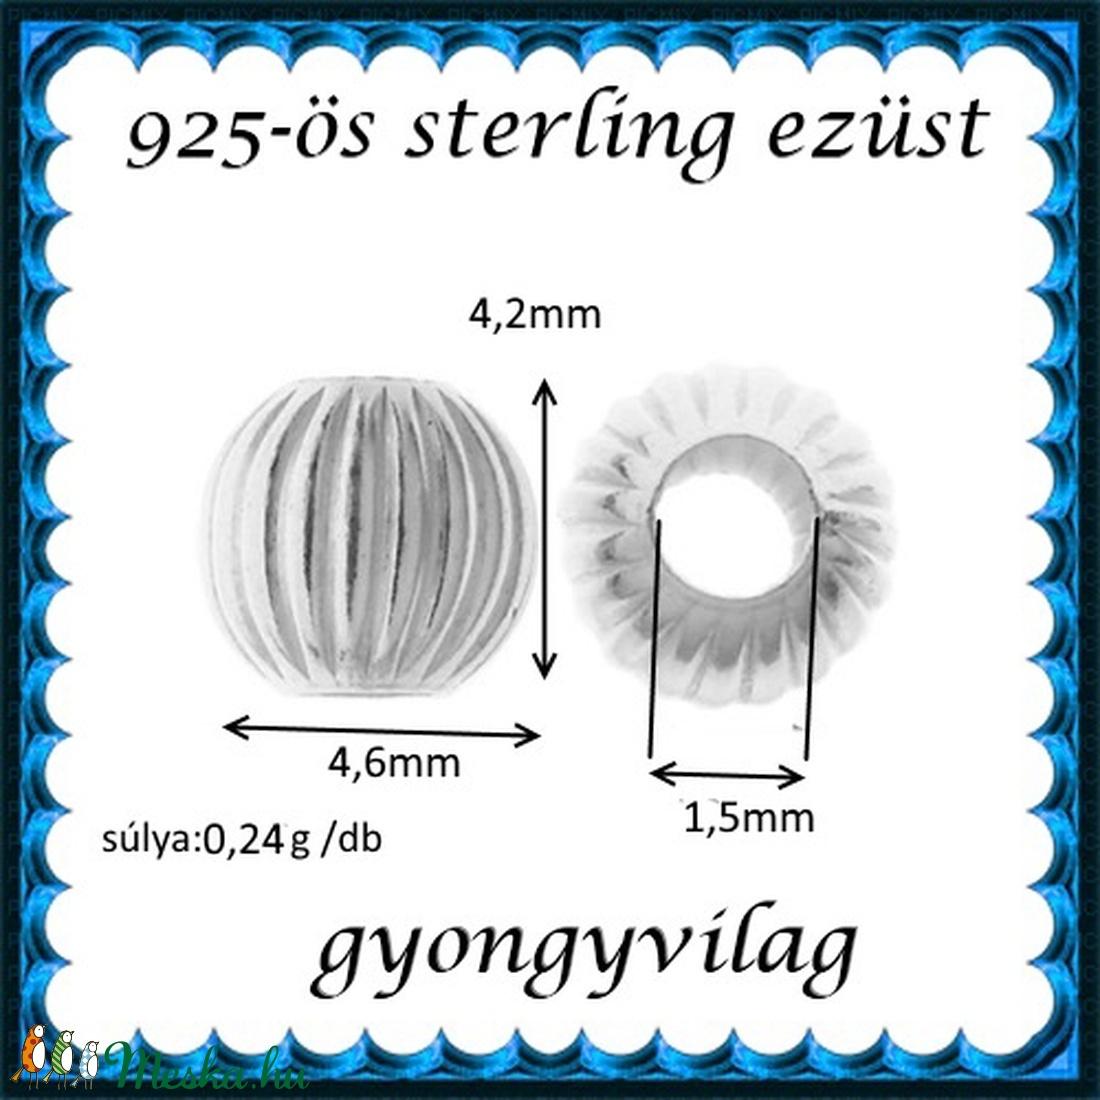 925-ös sterling ezüst ékszerkellék: köztes / gyöngy / dísz EKÖ 80-5 - gyöngy, ékszerkellék - egyéb alkatrész - Meska.hu